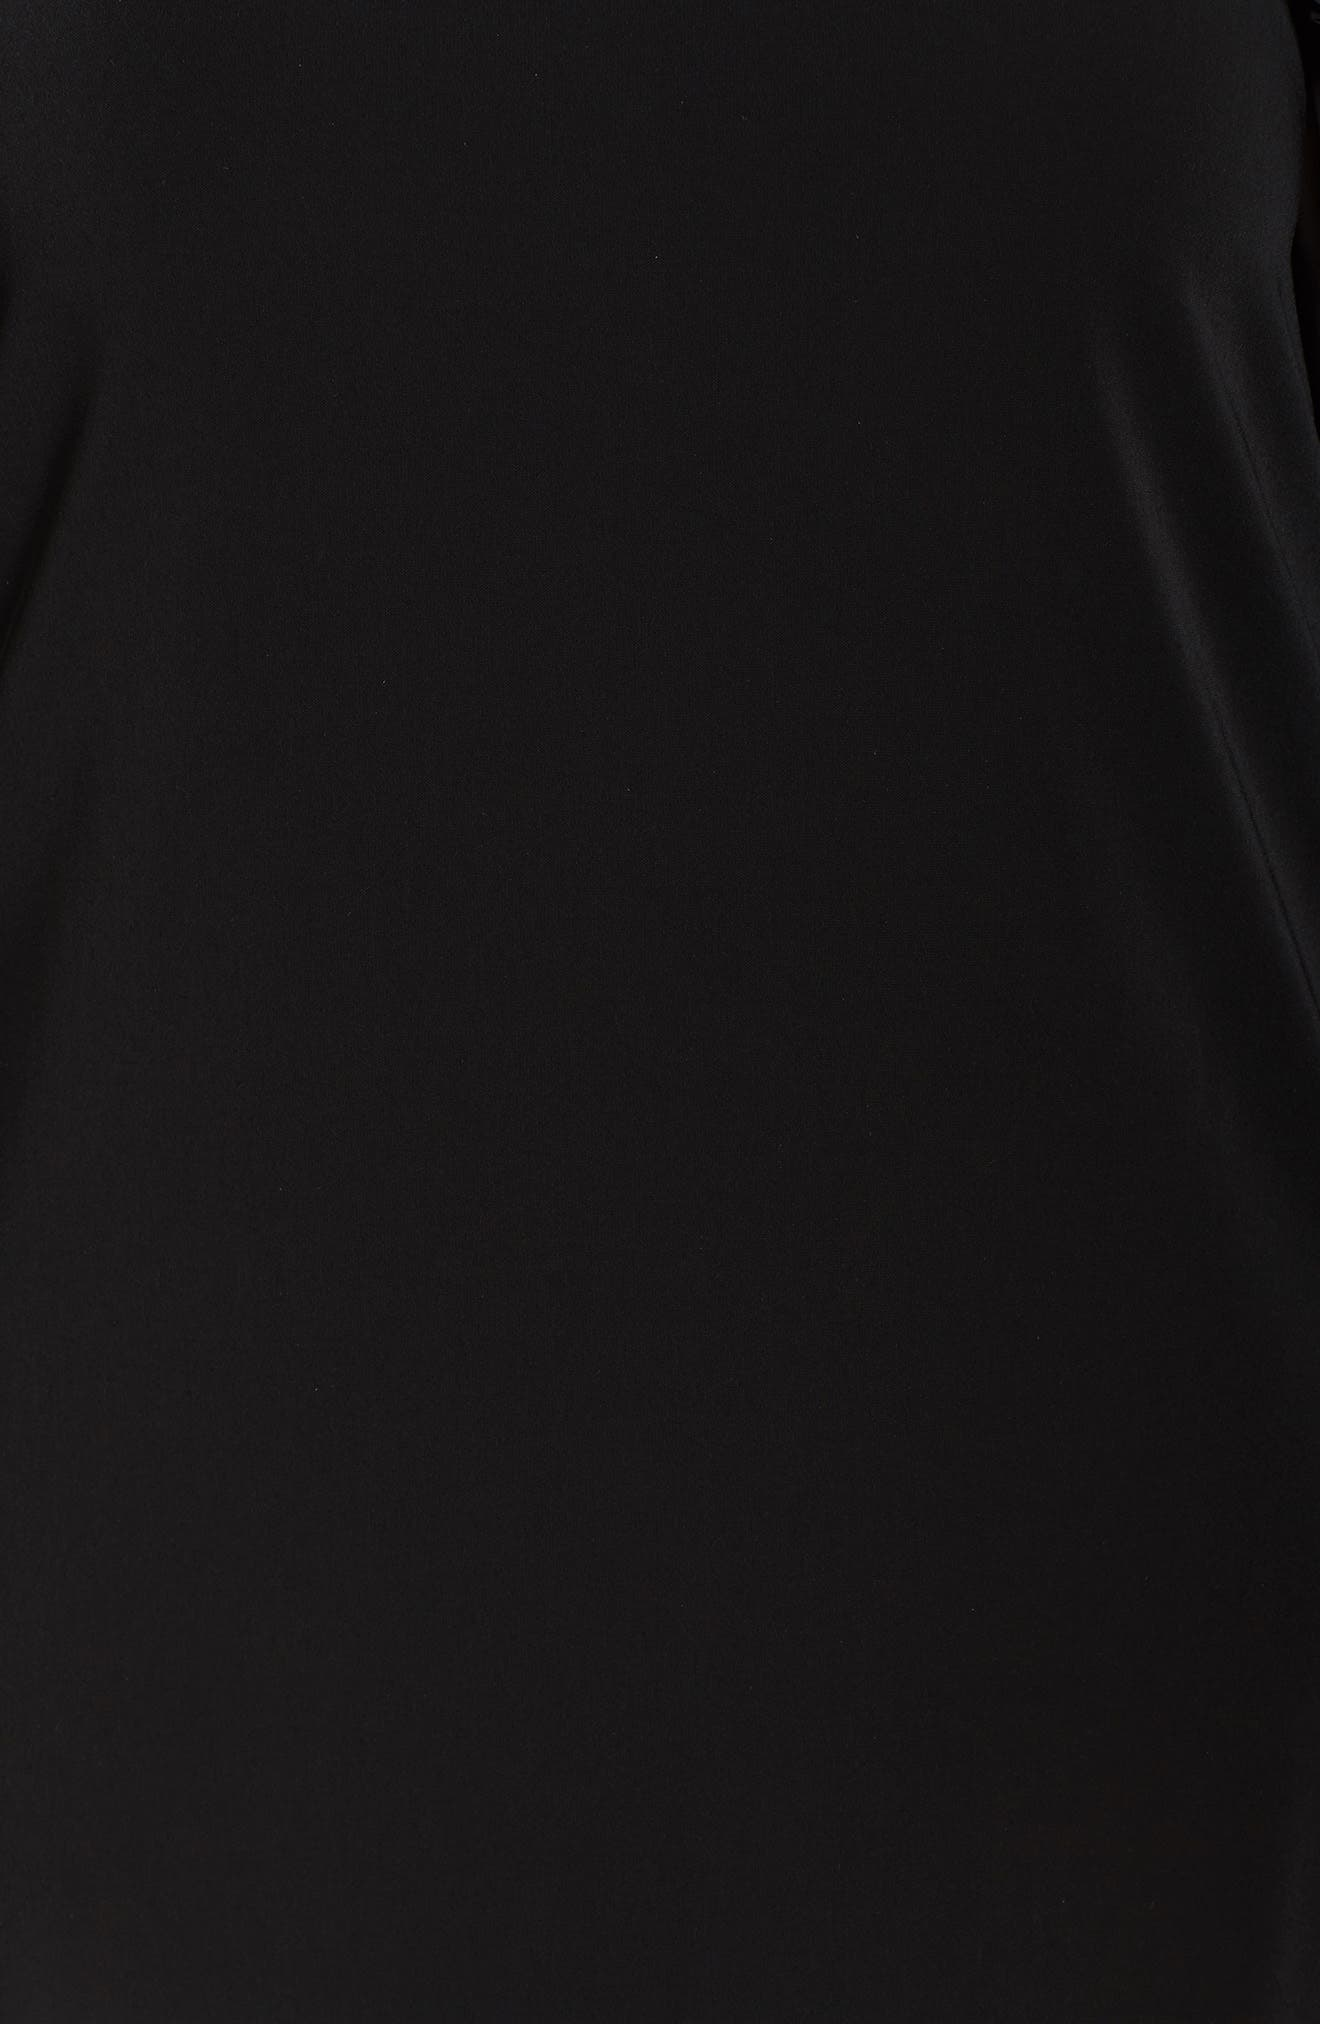 Pleat Ruffle Trim Shift Dress,                             Alternate thumbnail 5, color,                             Black